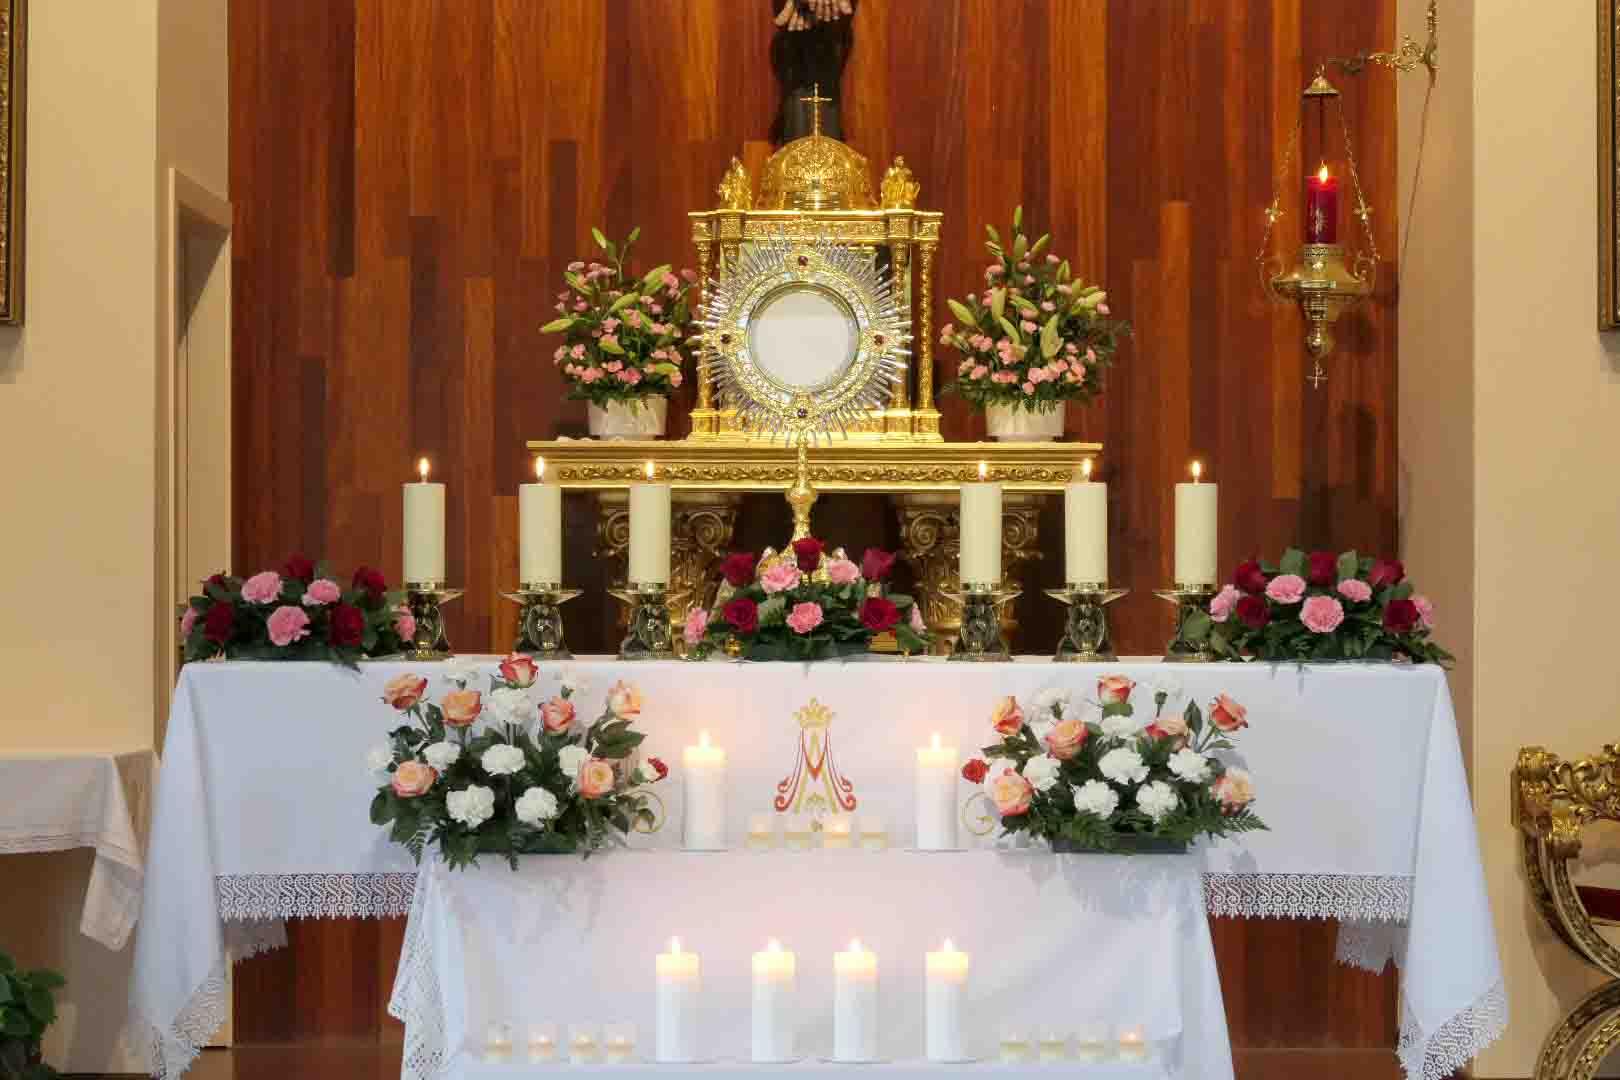 Adoración al Santísimo Virgen Dolorosa El Escorial prado nuevo iglesia